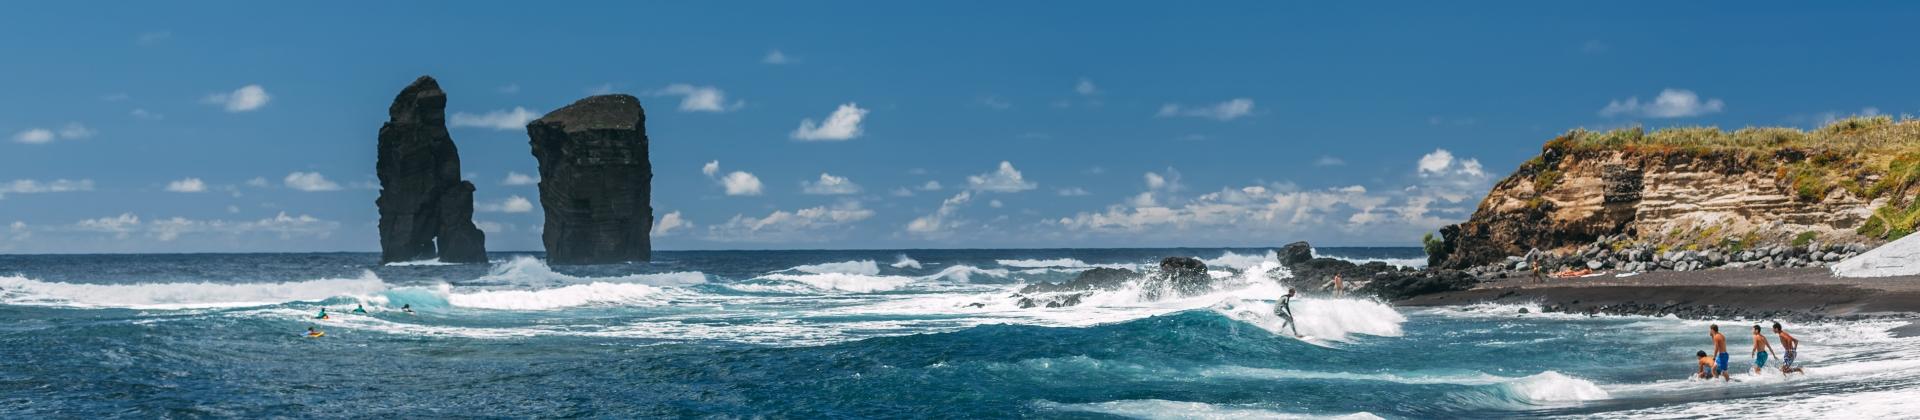 Badeurlaub am Strand Praia dos Mosteiros auf Sao Miguel